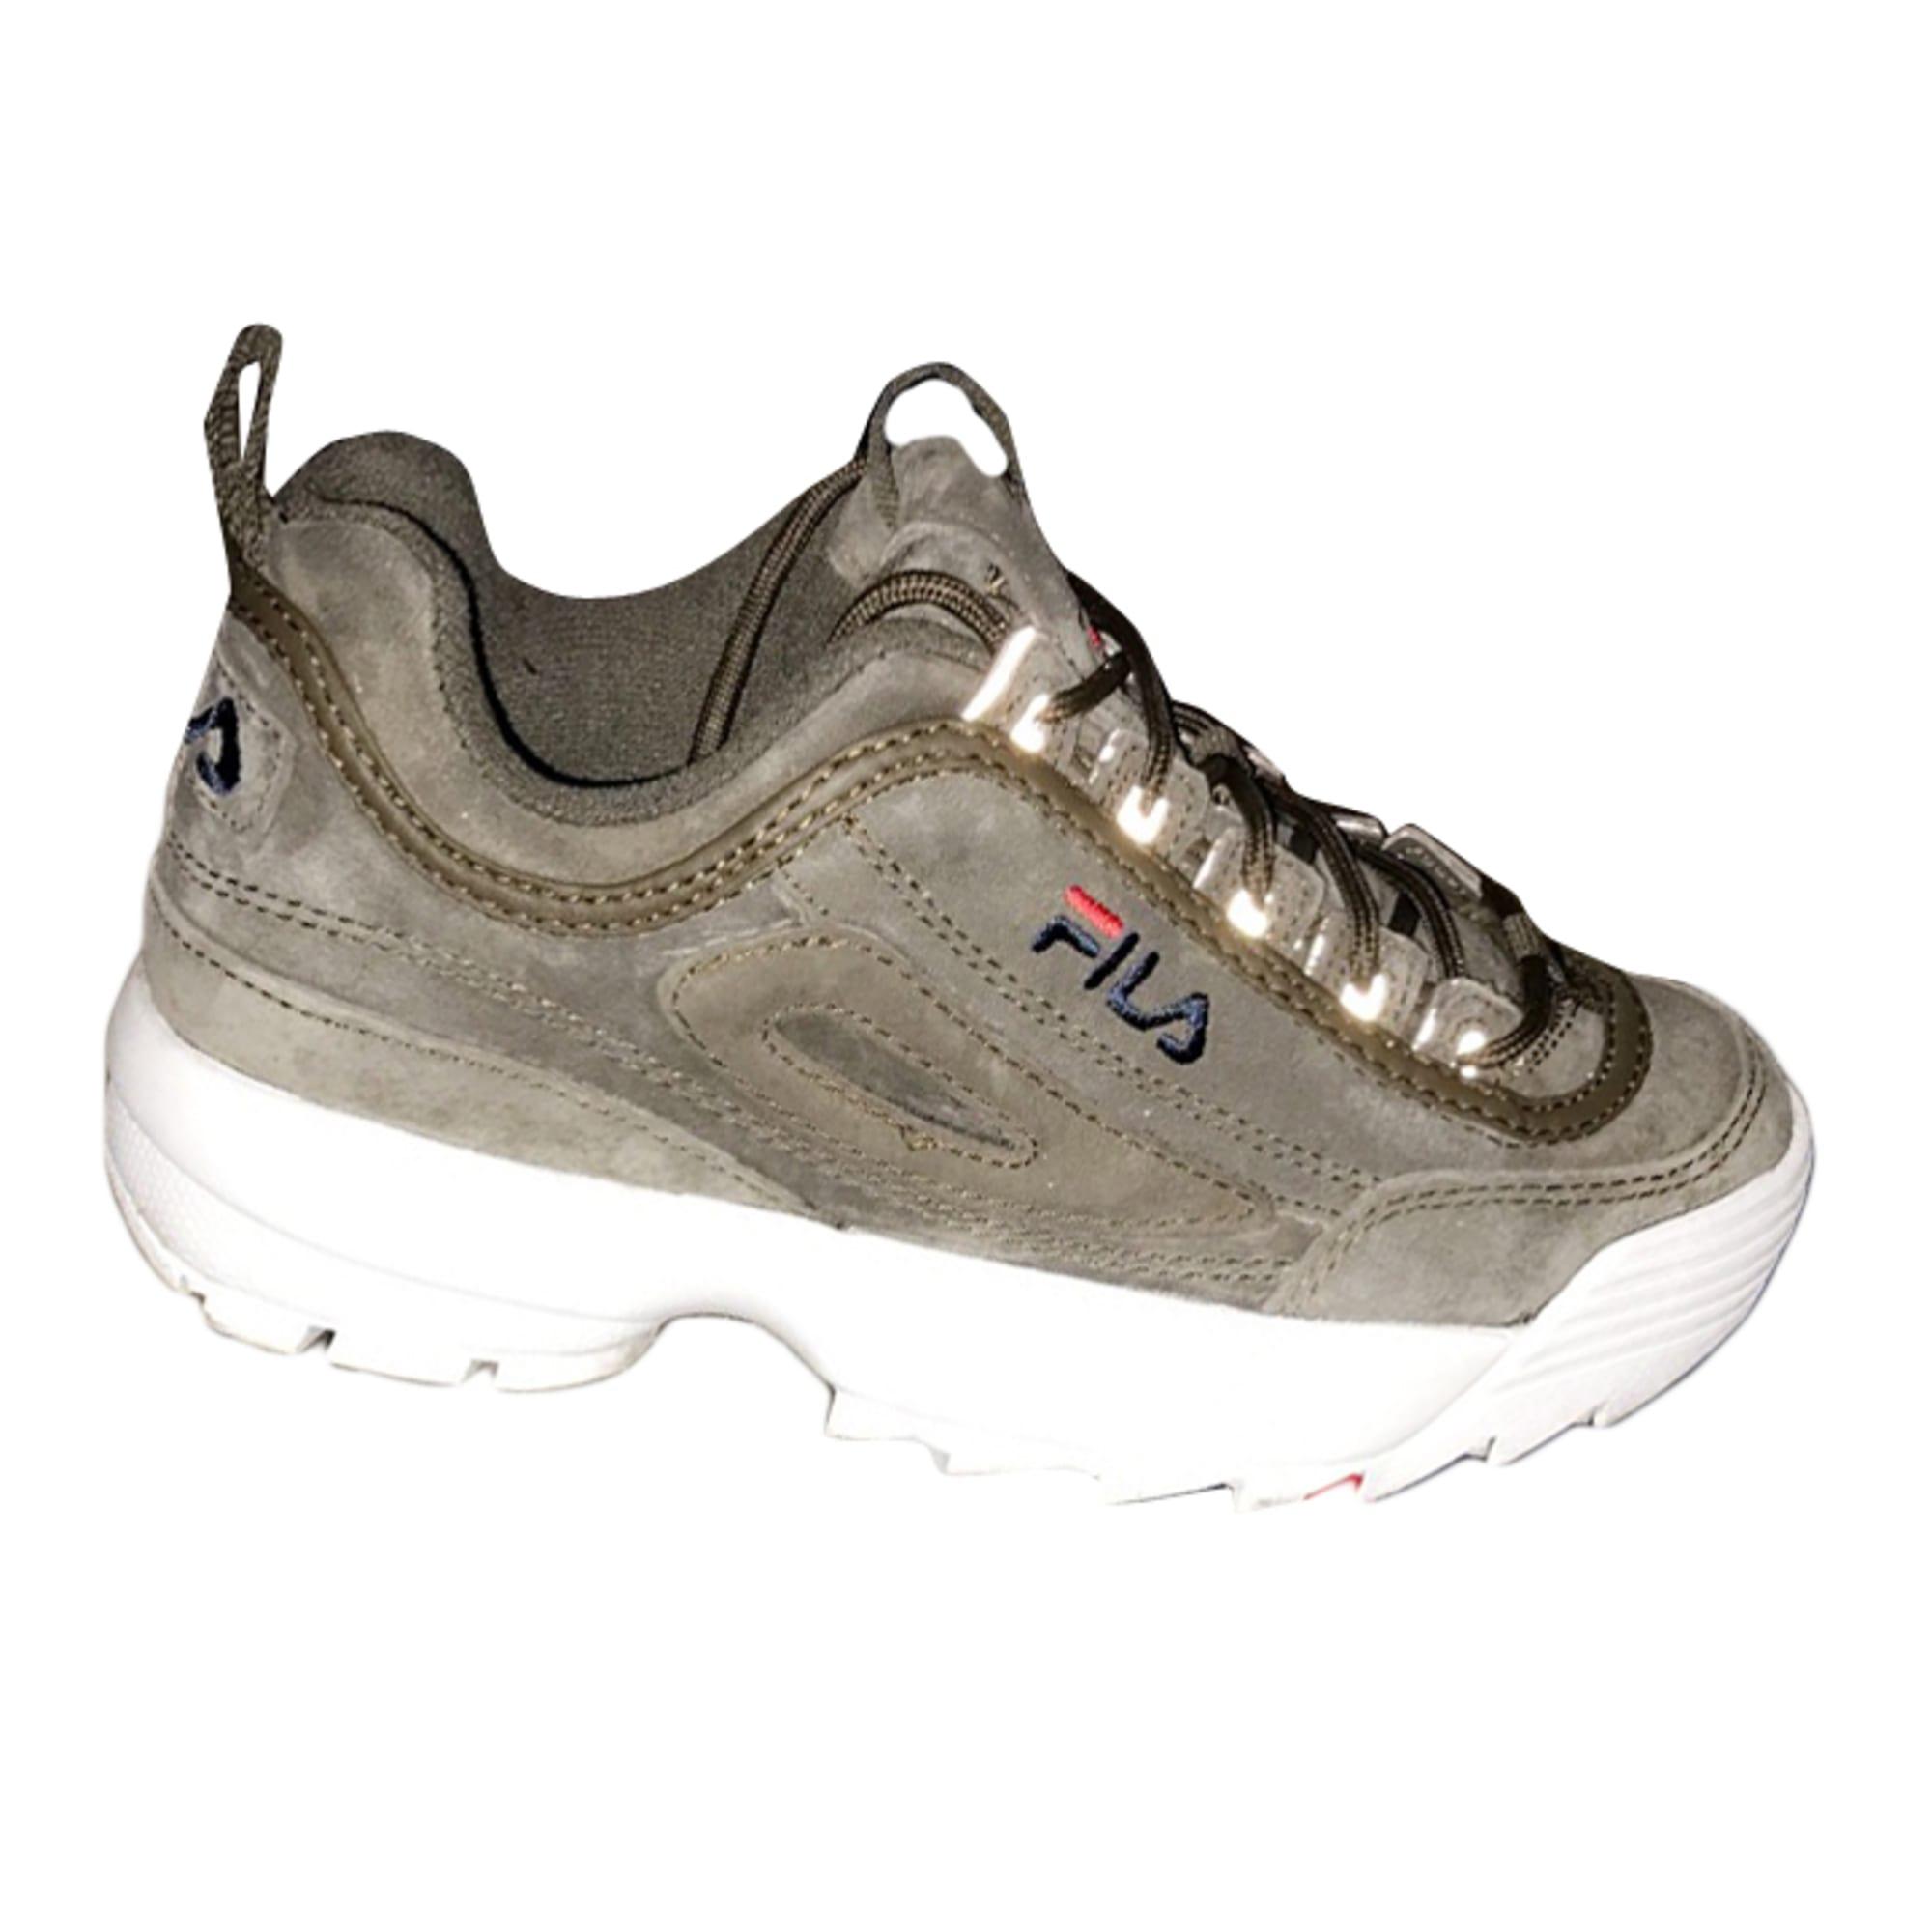 fila femme chaussure kaki